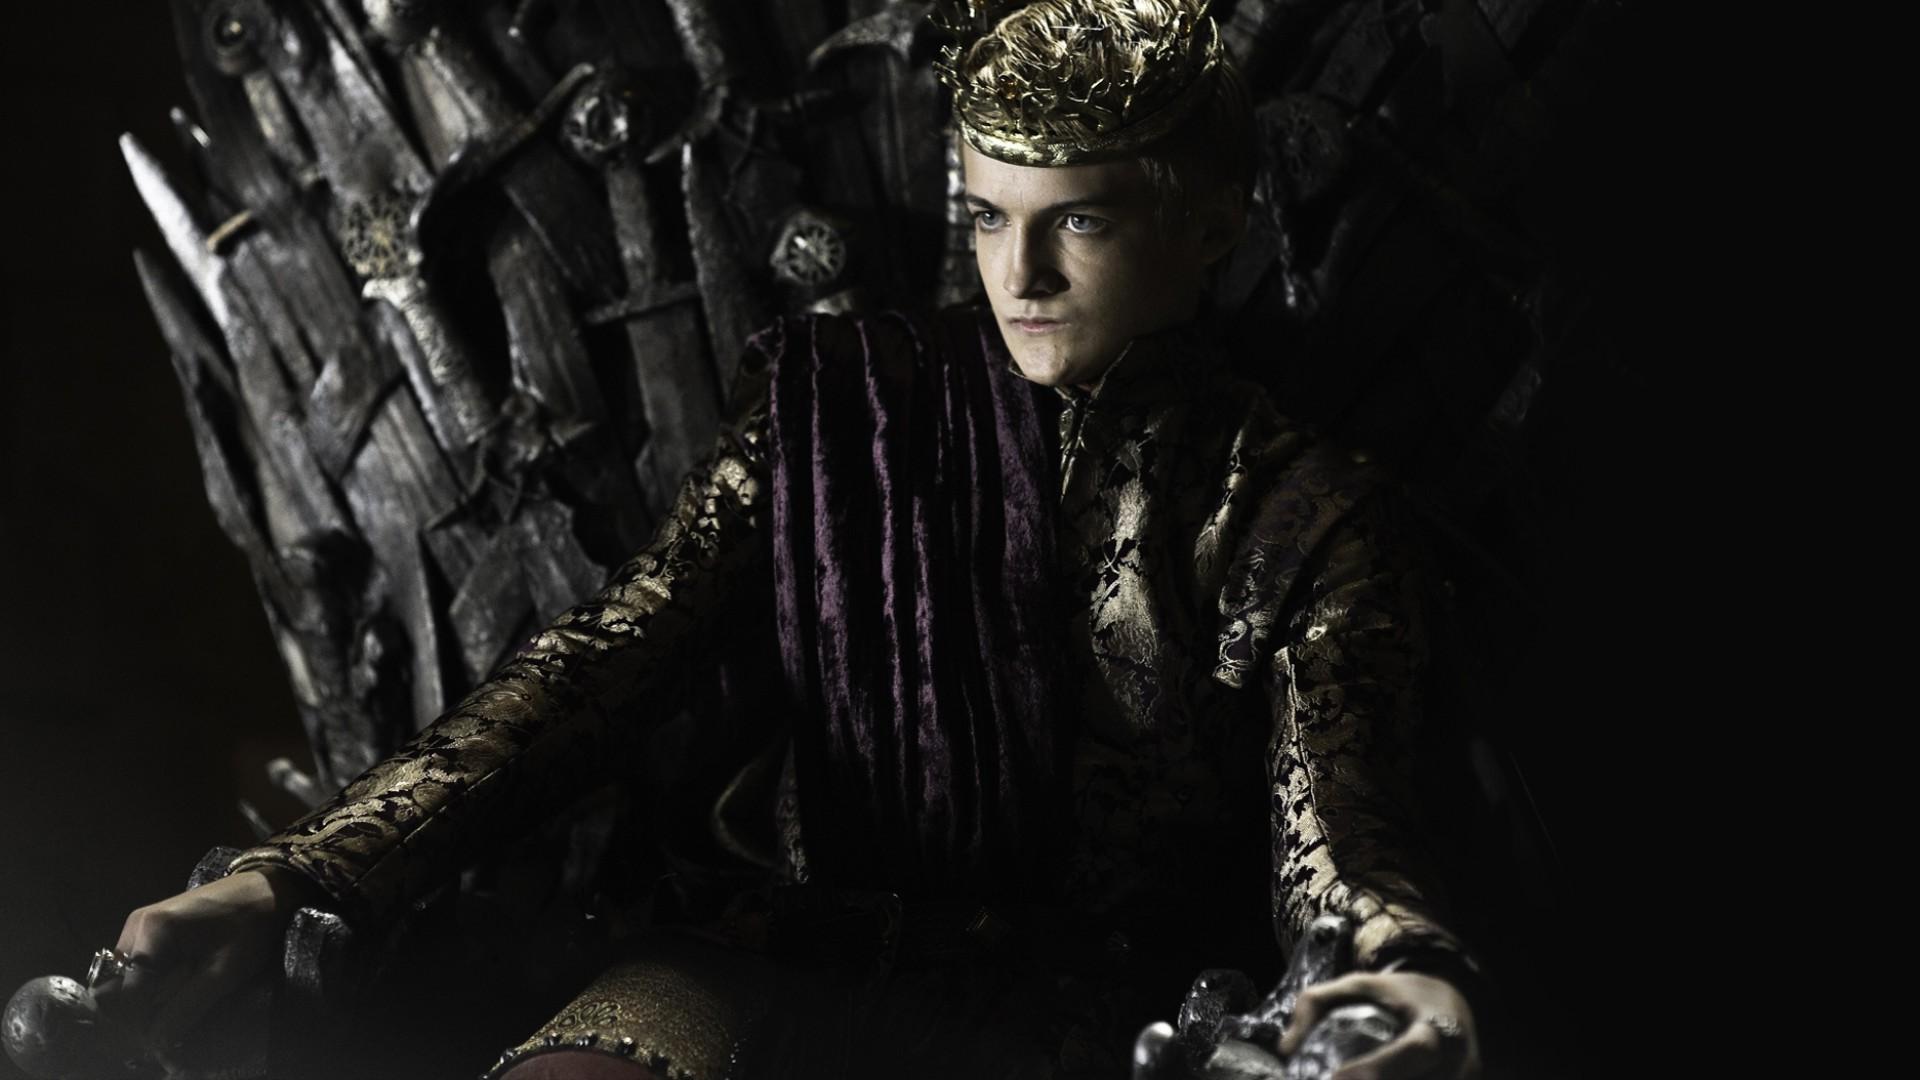 Game Of Thrones Iron Throne Joffrey Baratheon Darkness Screenshot 1920x1080 Px Computer Wallpaper Goth Subculture Crowns